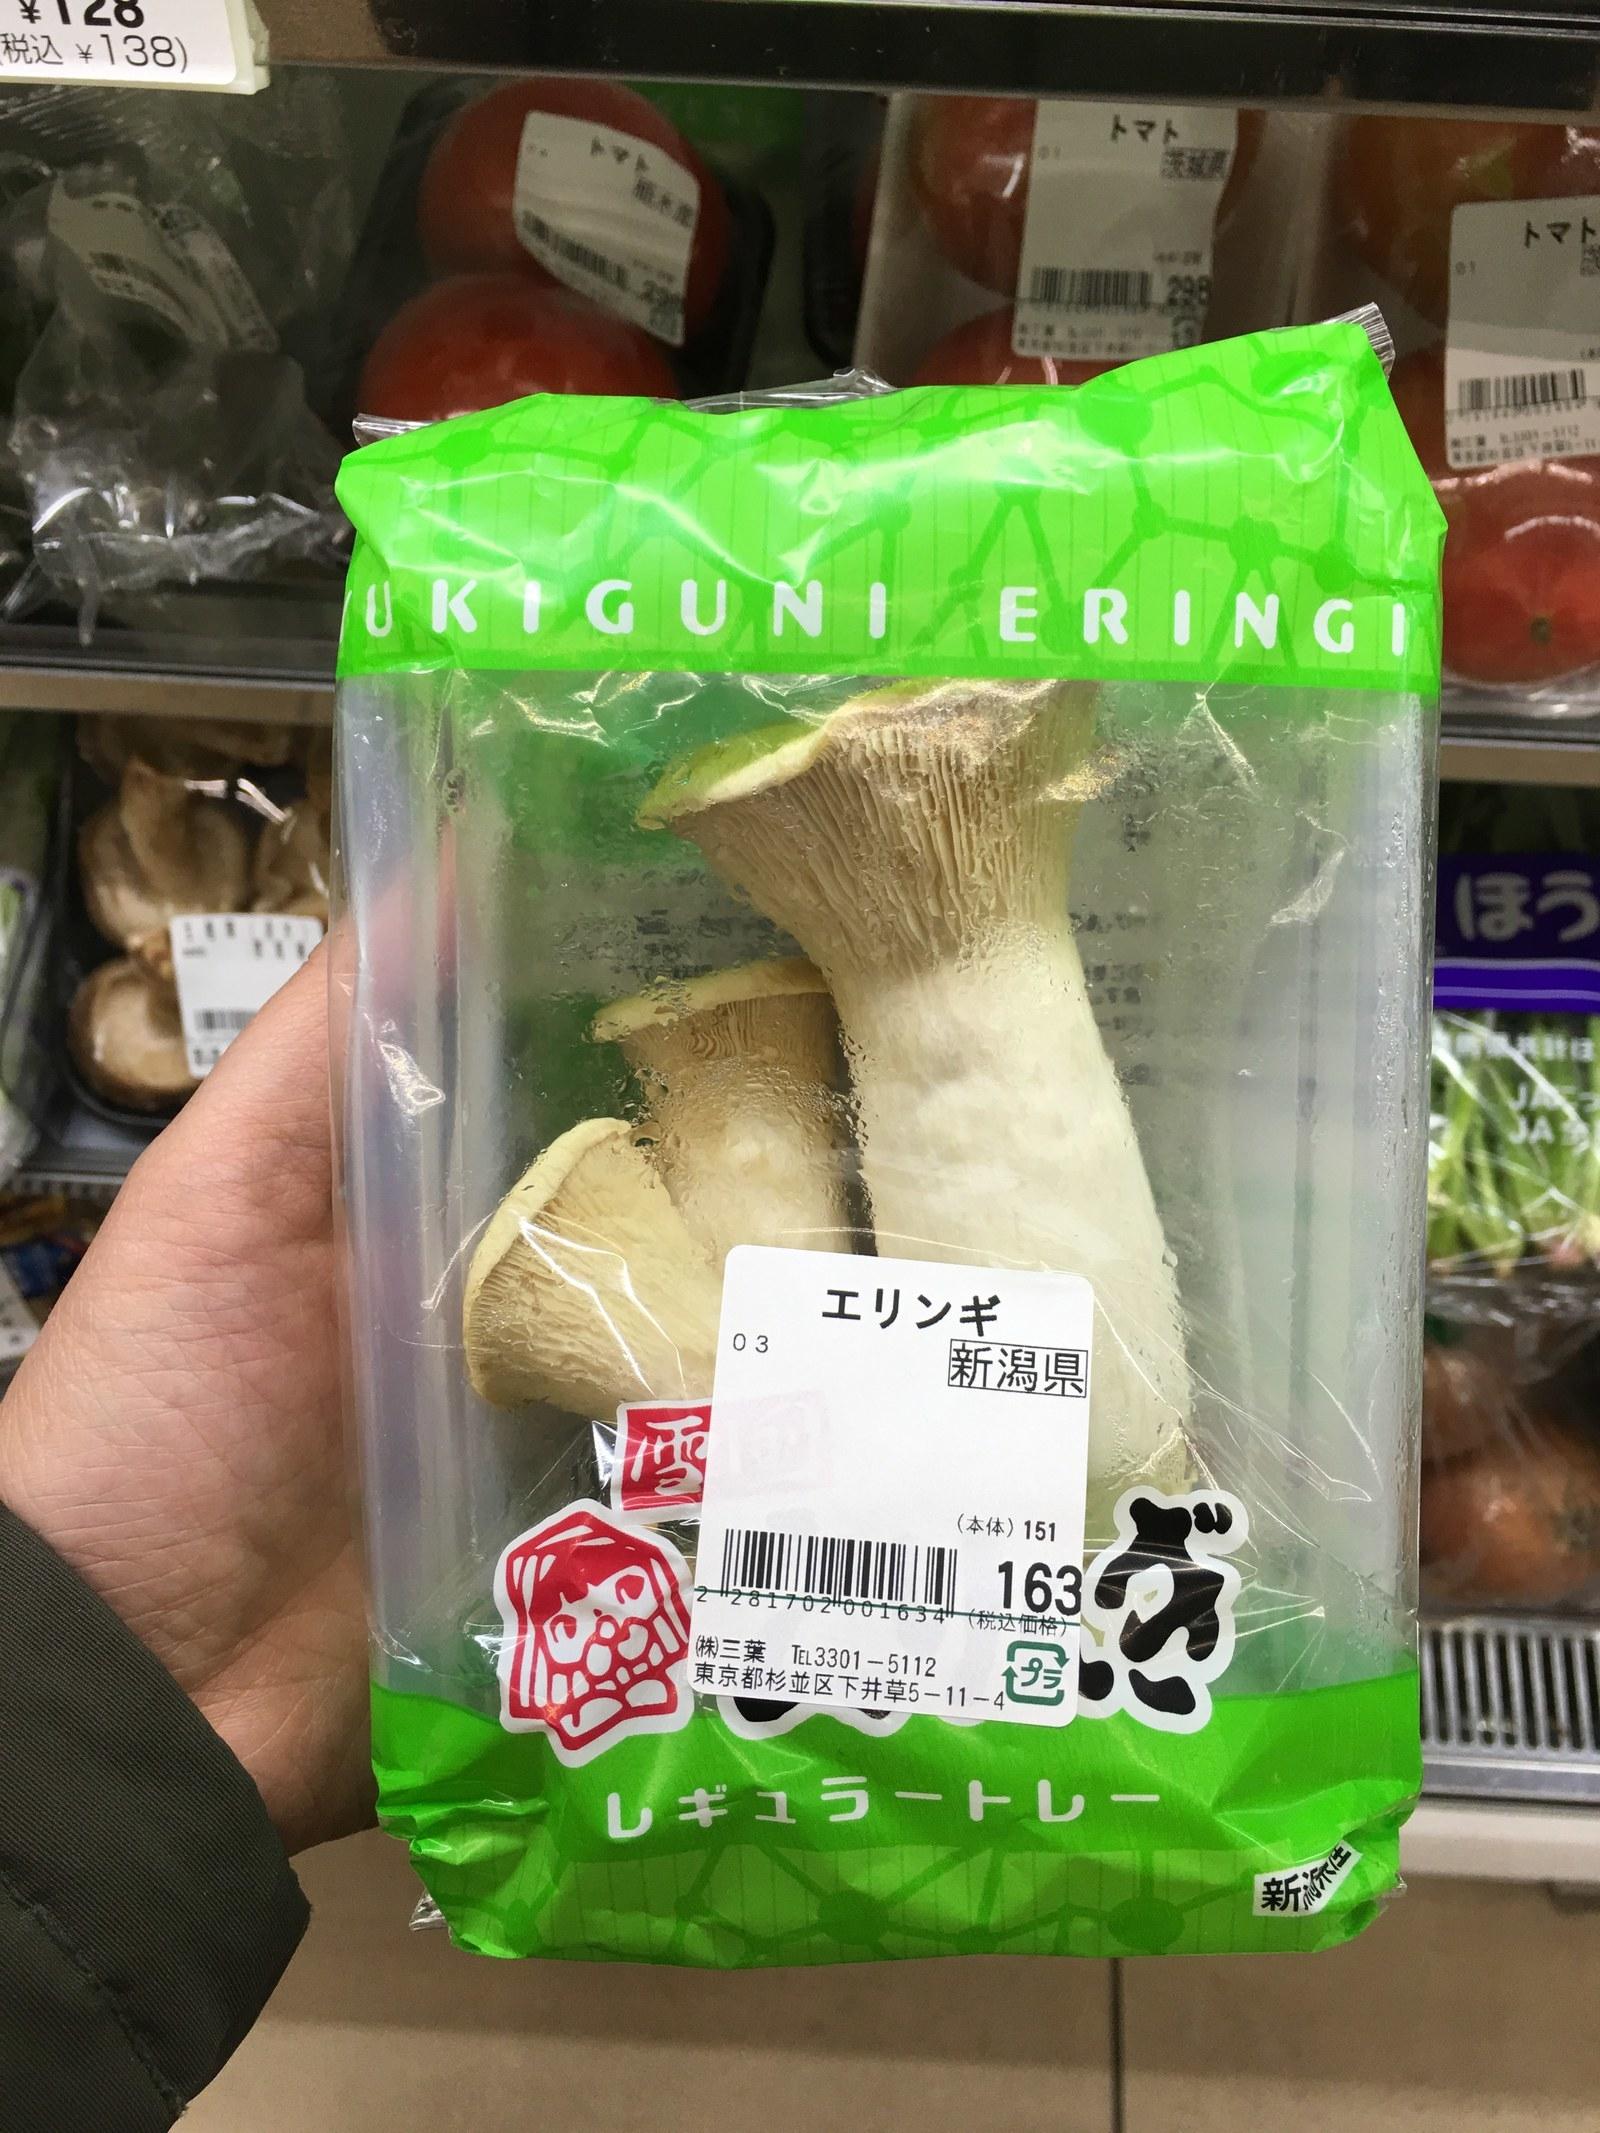 a big mushroom